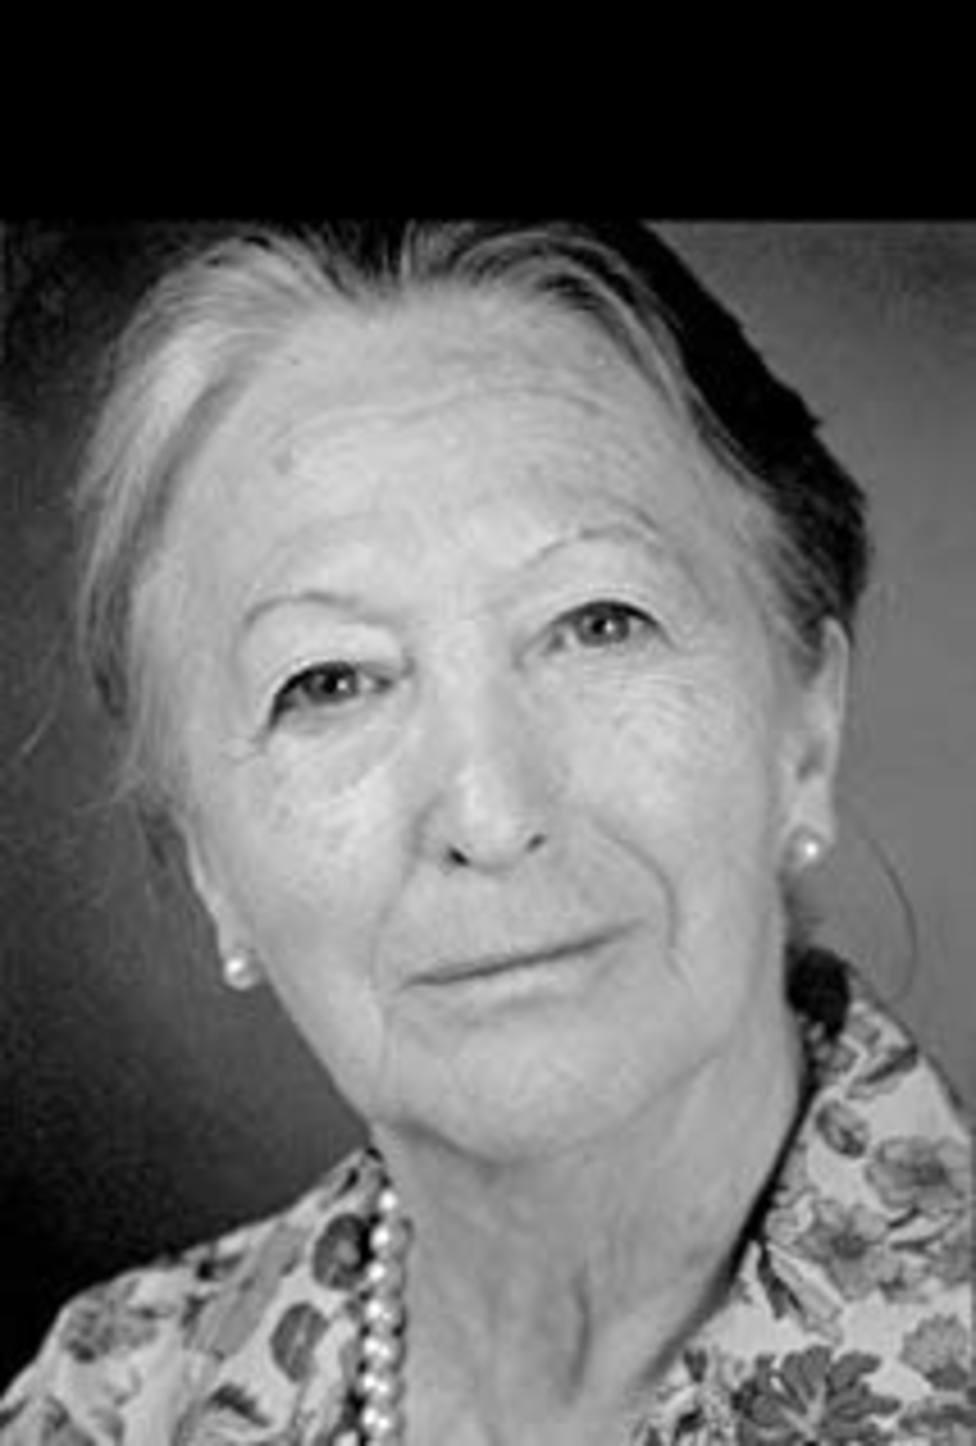 Muere a los 95 años la actriz Concha Hidalgo, conocida por papeles en series como Aída o peliculas como Matador